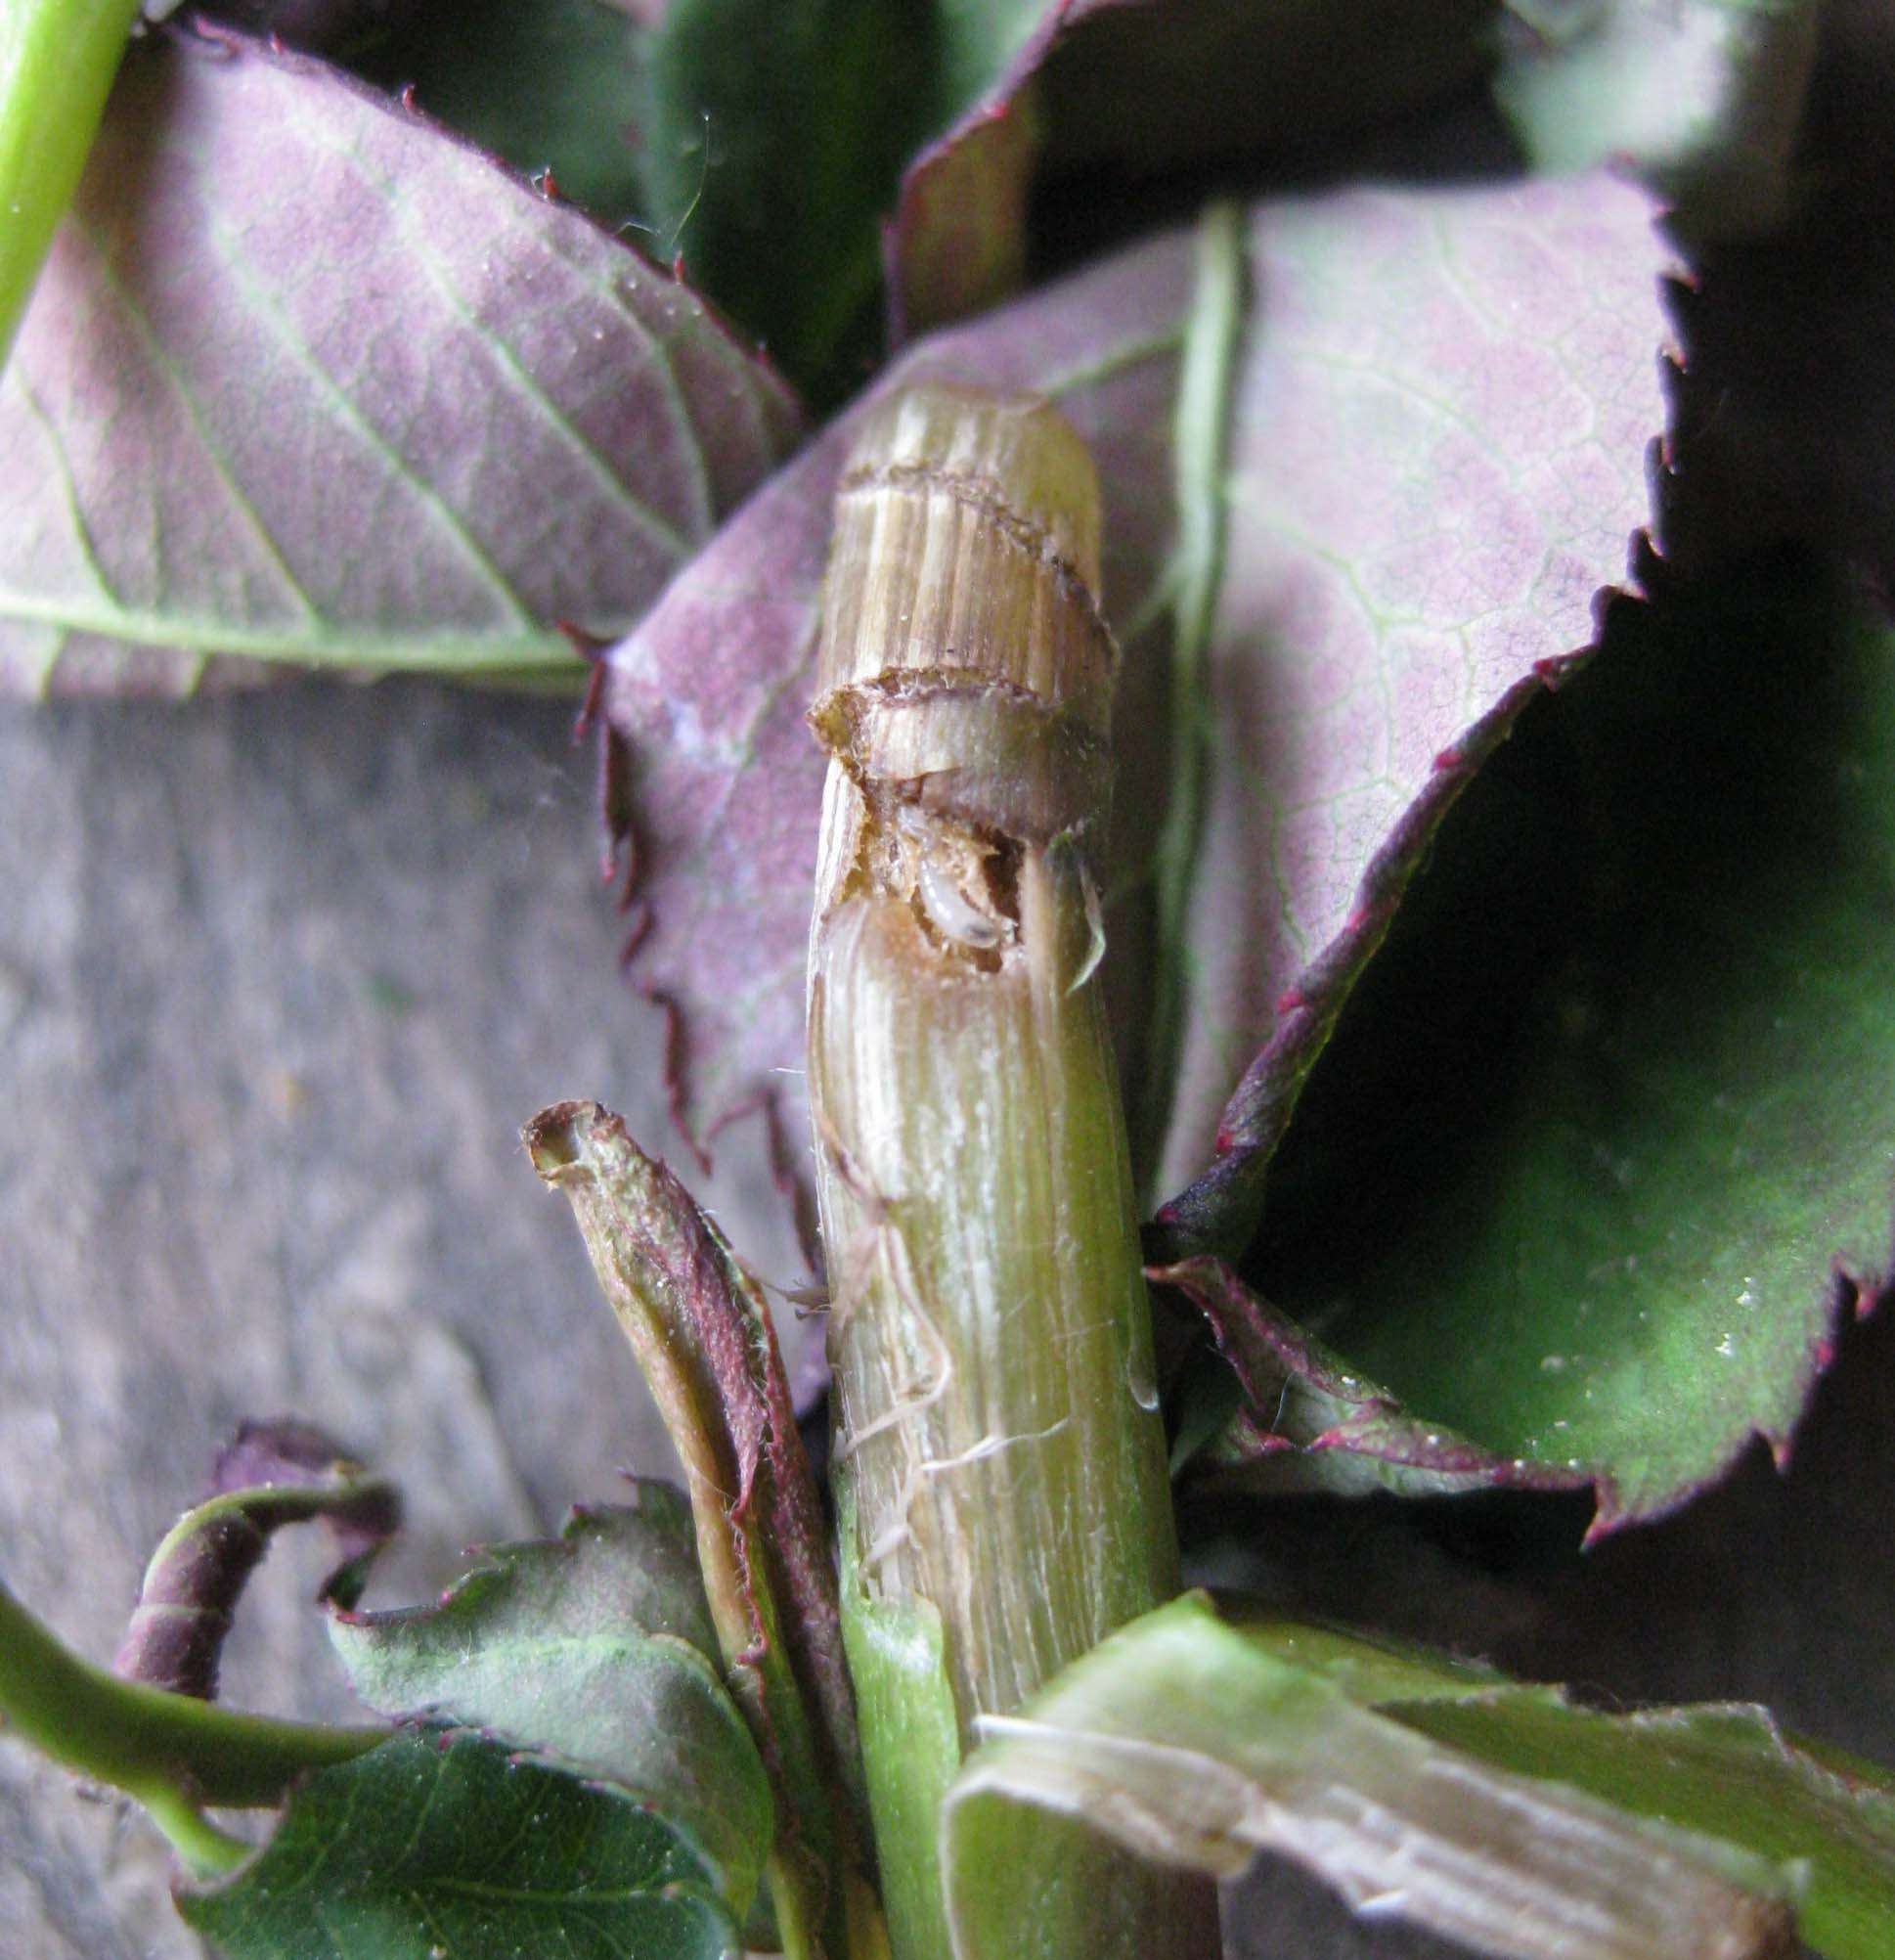 Пилильщик на пшенице, хвойных, косточковых растениях: виды вредителя и методы борьбы с ним